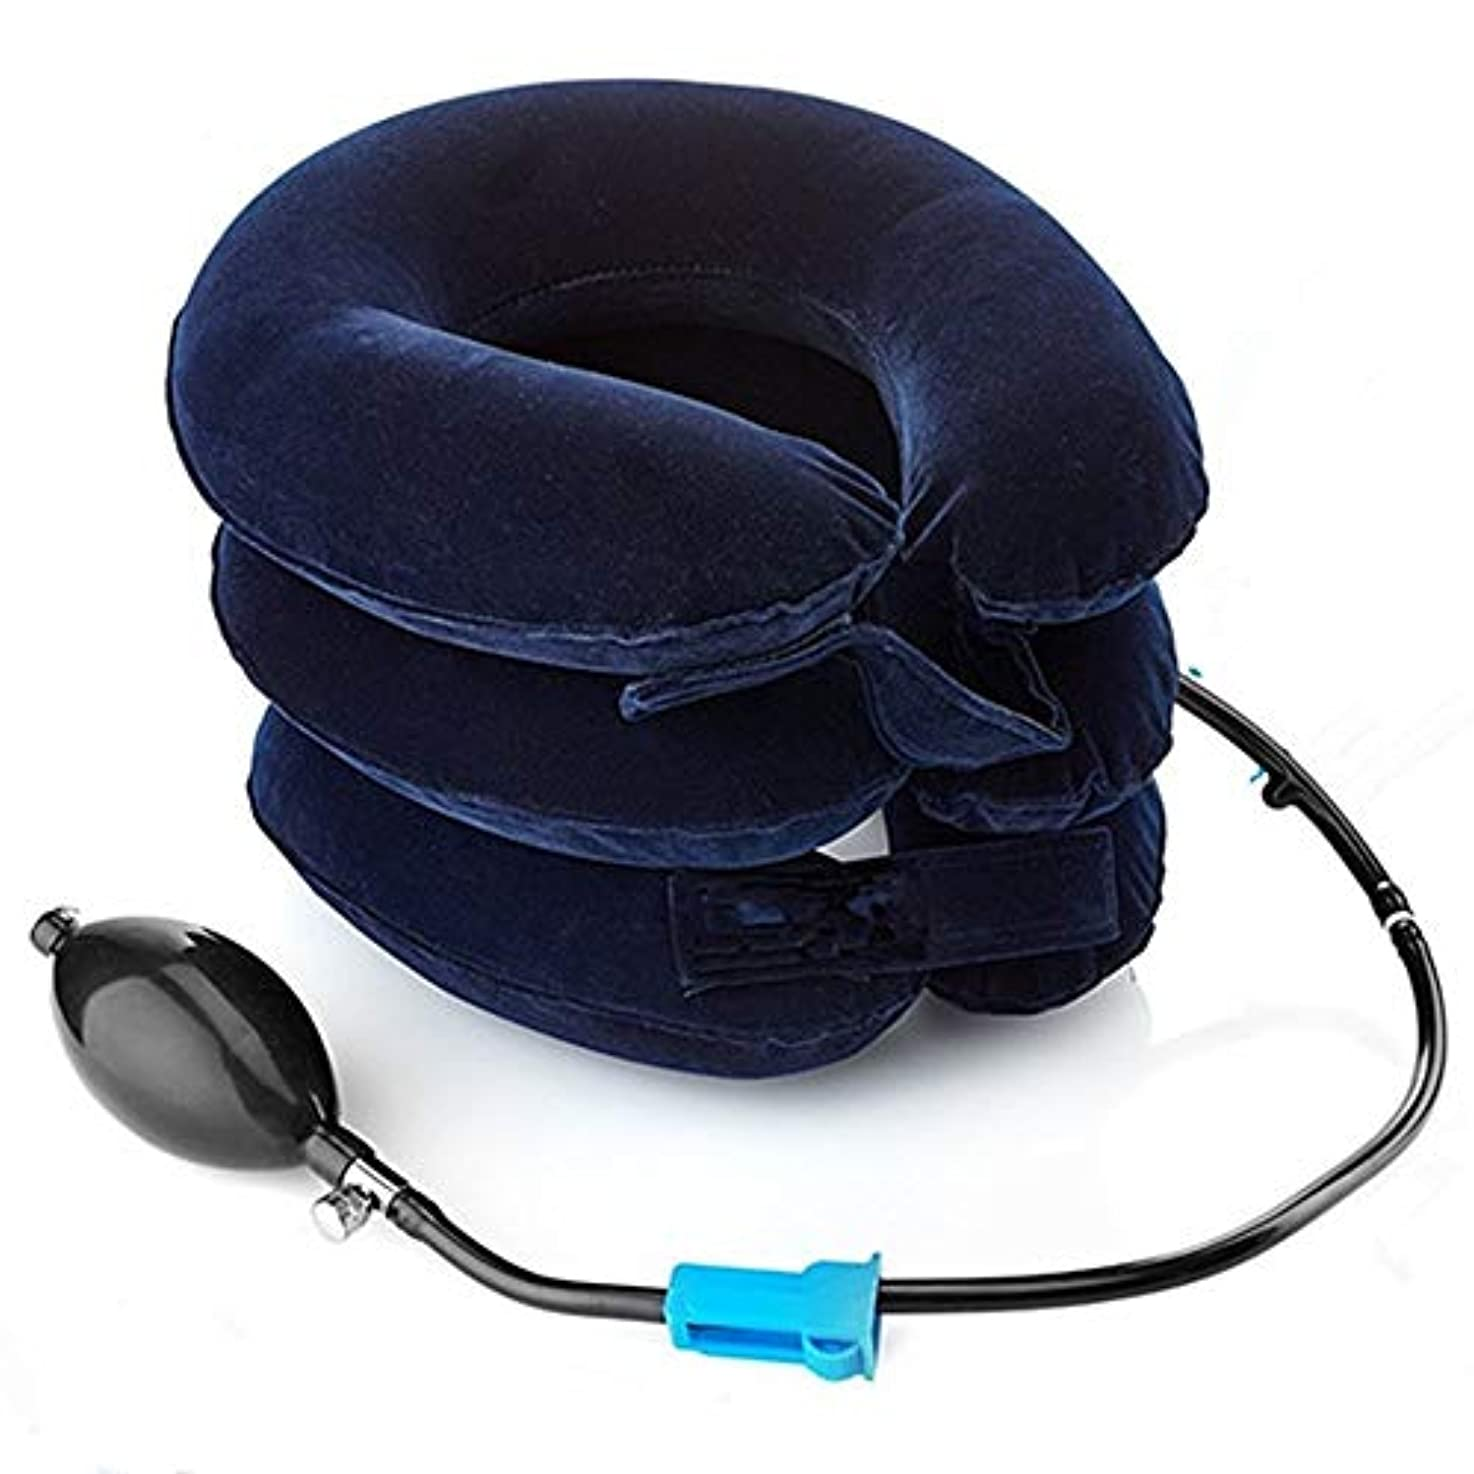 運ぶ会計災難子宮頸管牽引装置FDA登録 - ホームトラクション背骨の整列のためのインフレータブル&調節可能なネックストレッチャーカラー